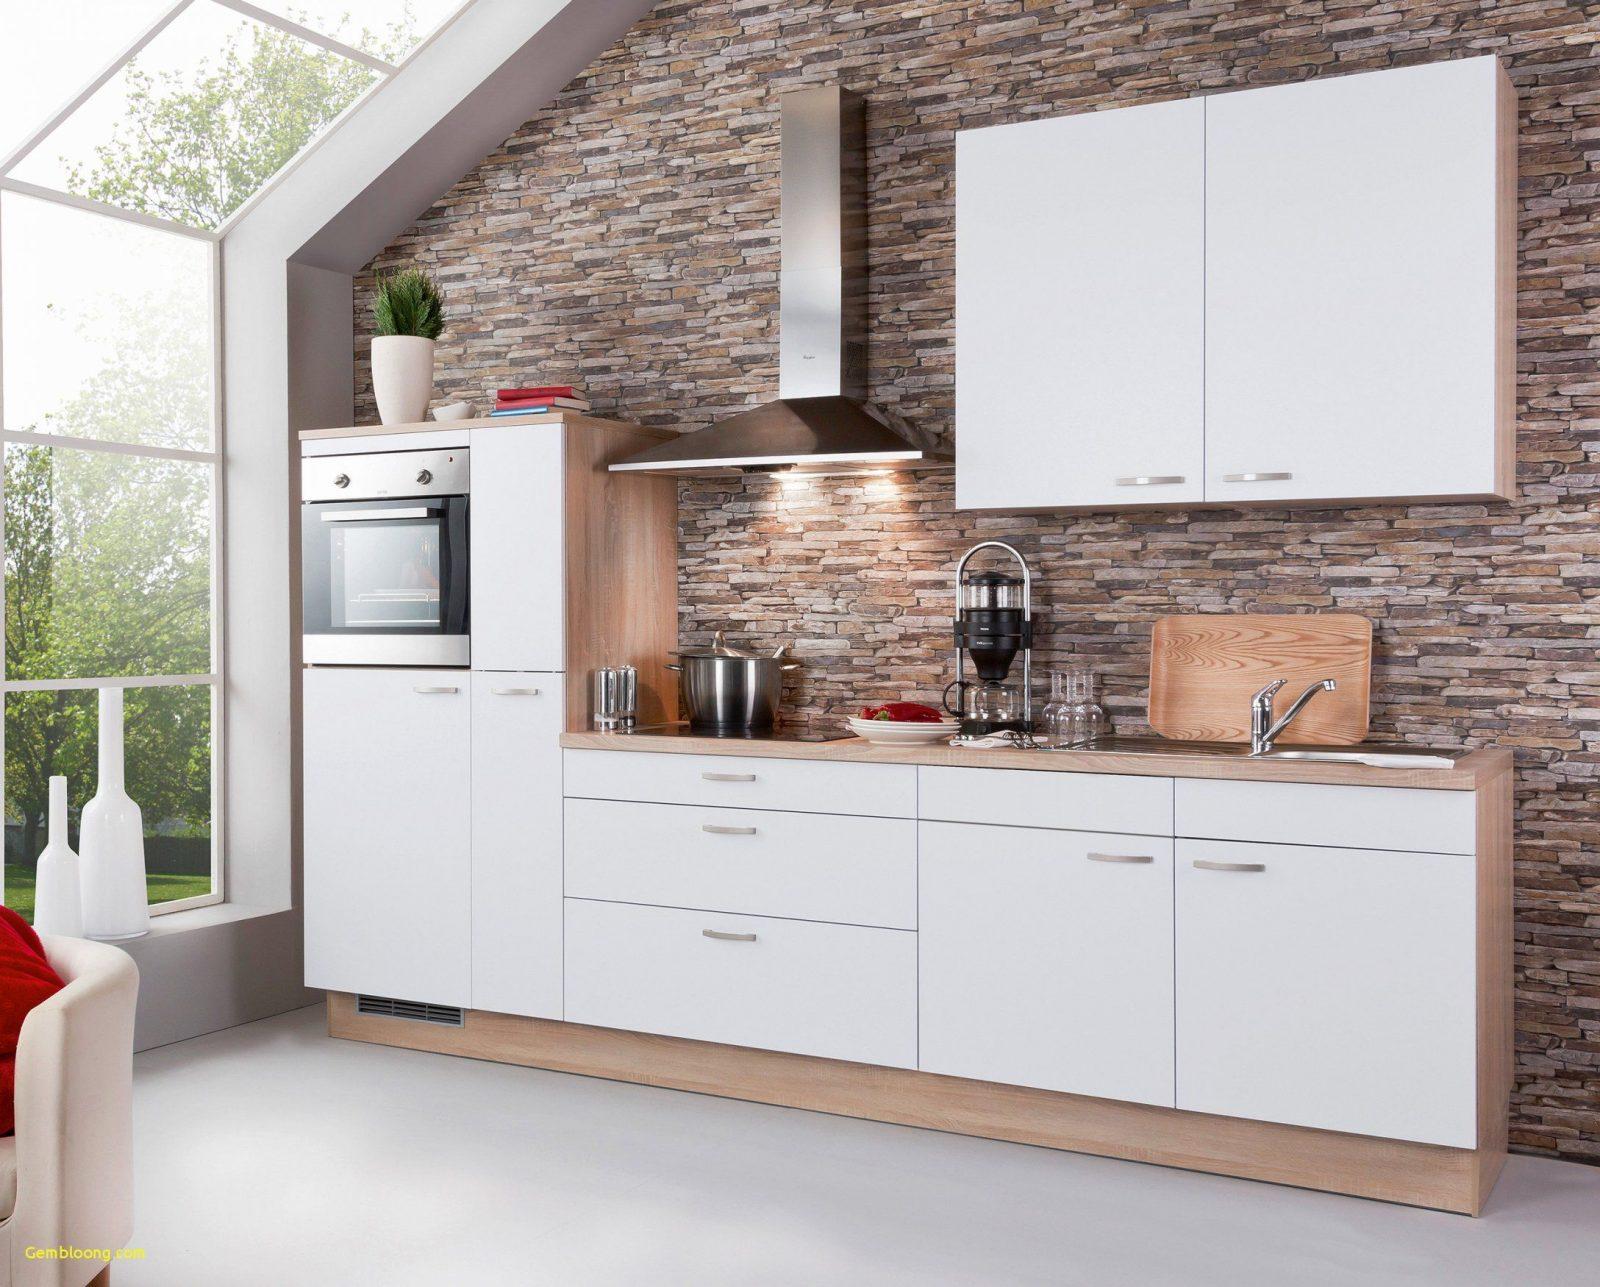 Rollos Für Die Küche Inspirierend Ikea Küche Ohne Griffe  Ahmktygs von Ikea Küche Ohne Griffe Photo